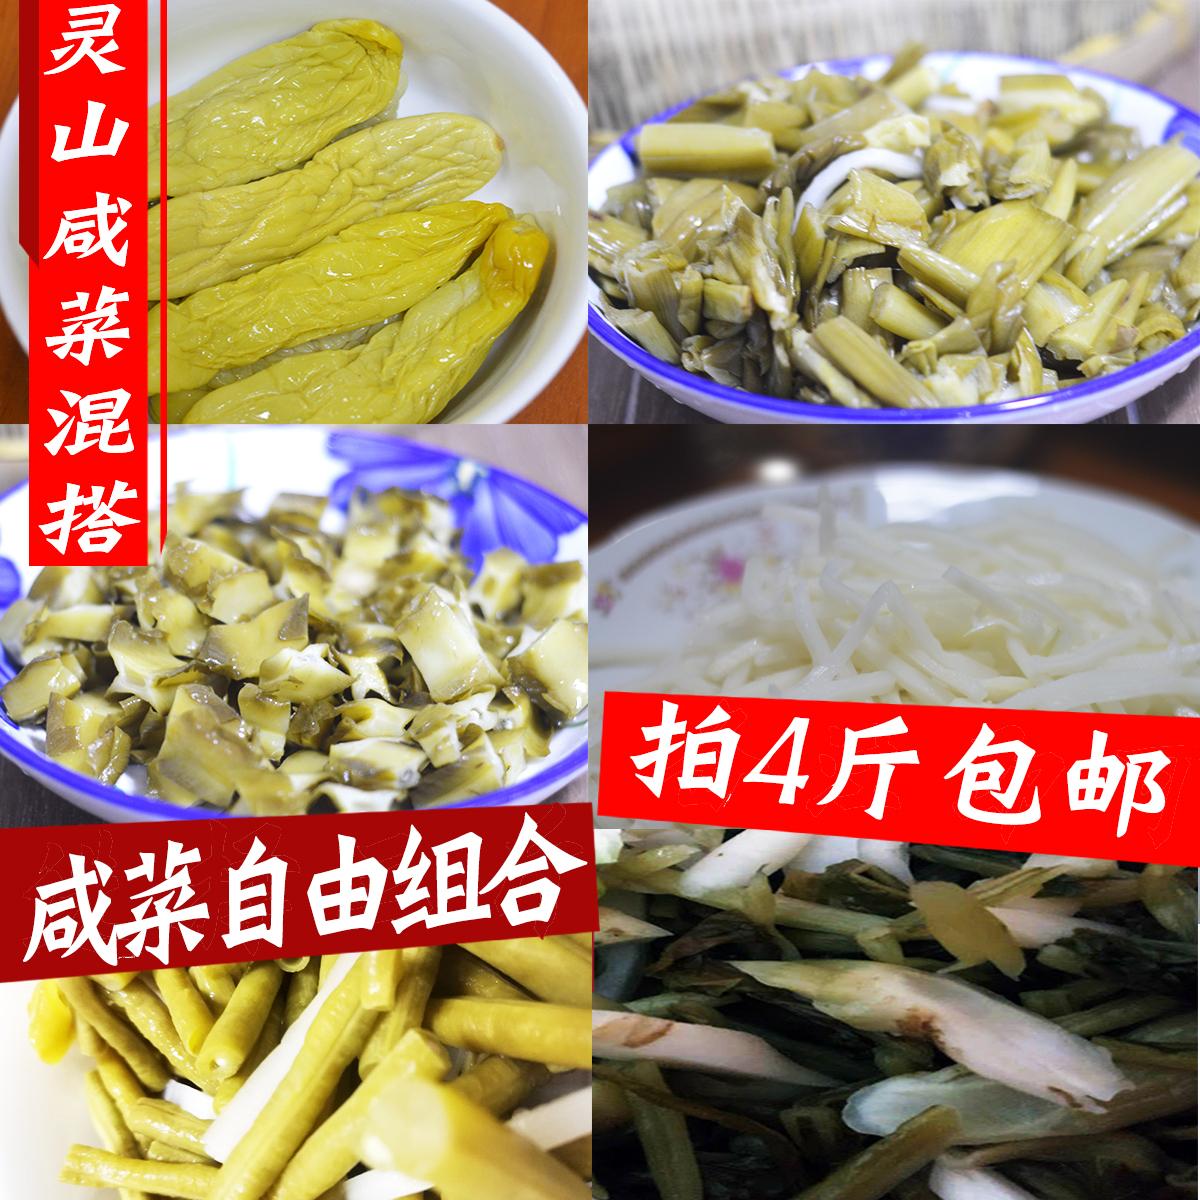 咸菜混搭 广西灵山瓜皮芋蒙豆角柠檬橄榄角酸笋六足豆 满4斤包邮